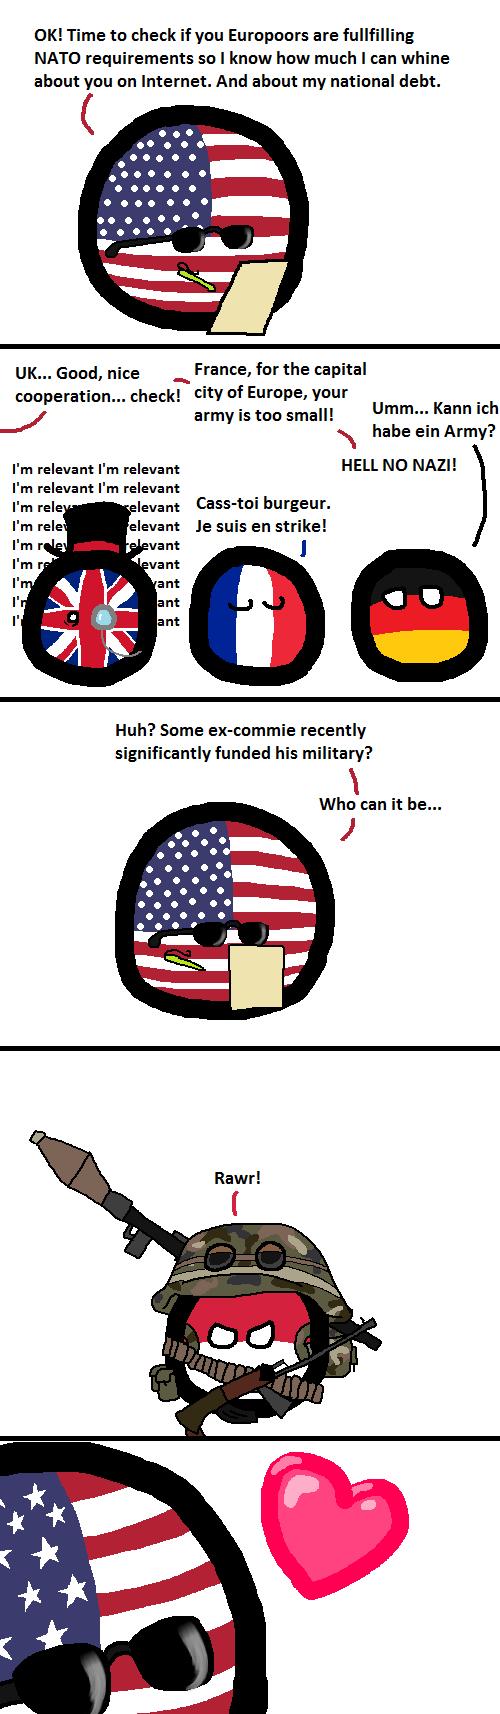 Polandball NATO